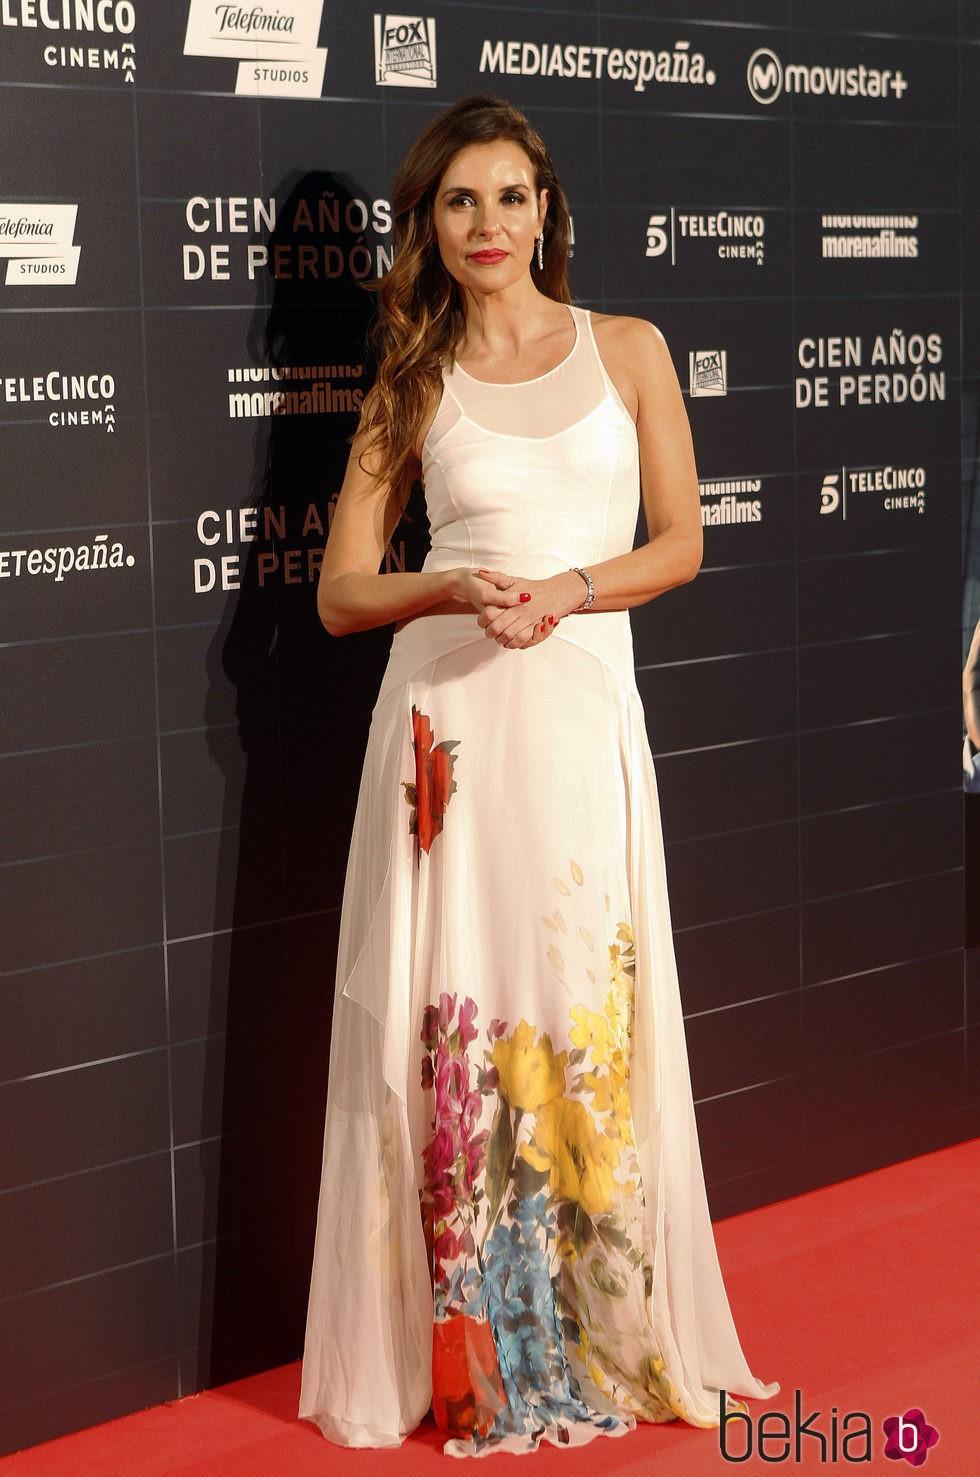 Patricia Vico en el estreno de la película 'Cien años de perdón'